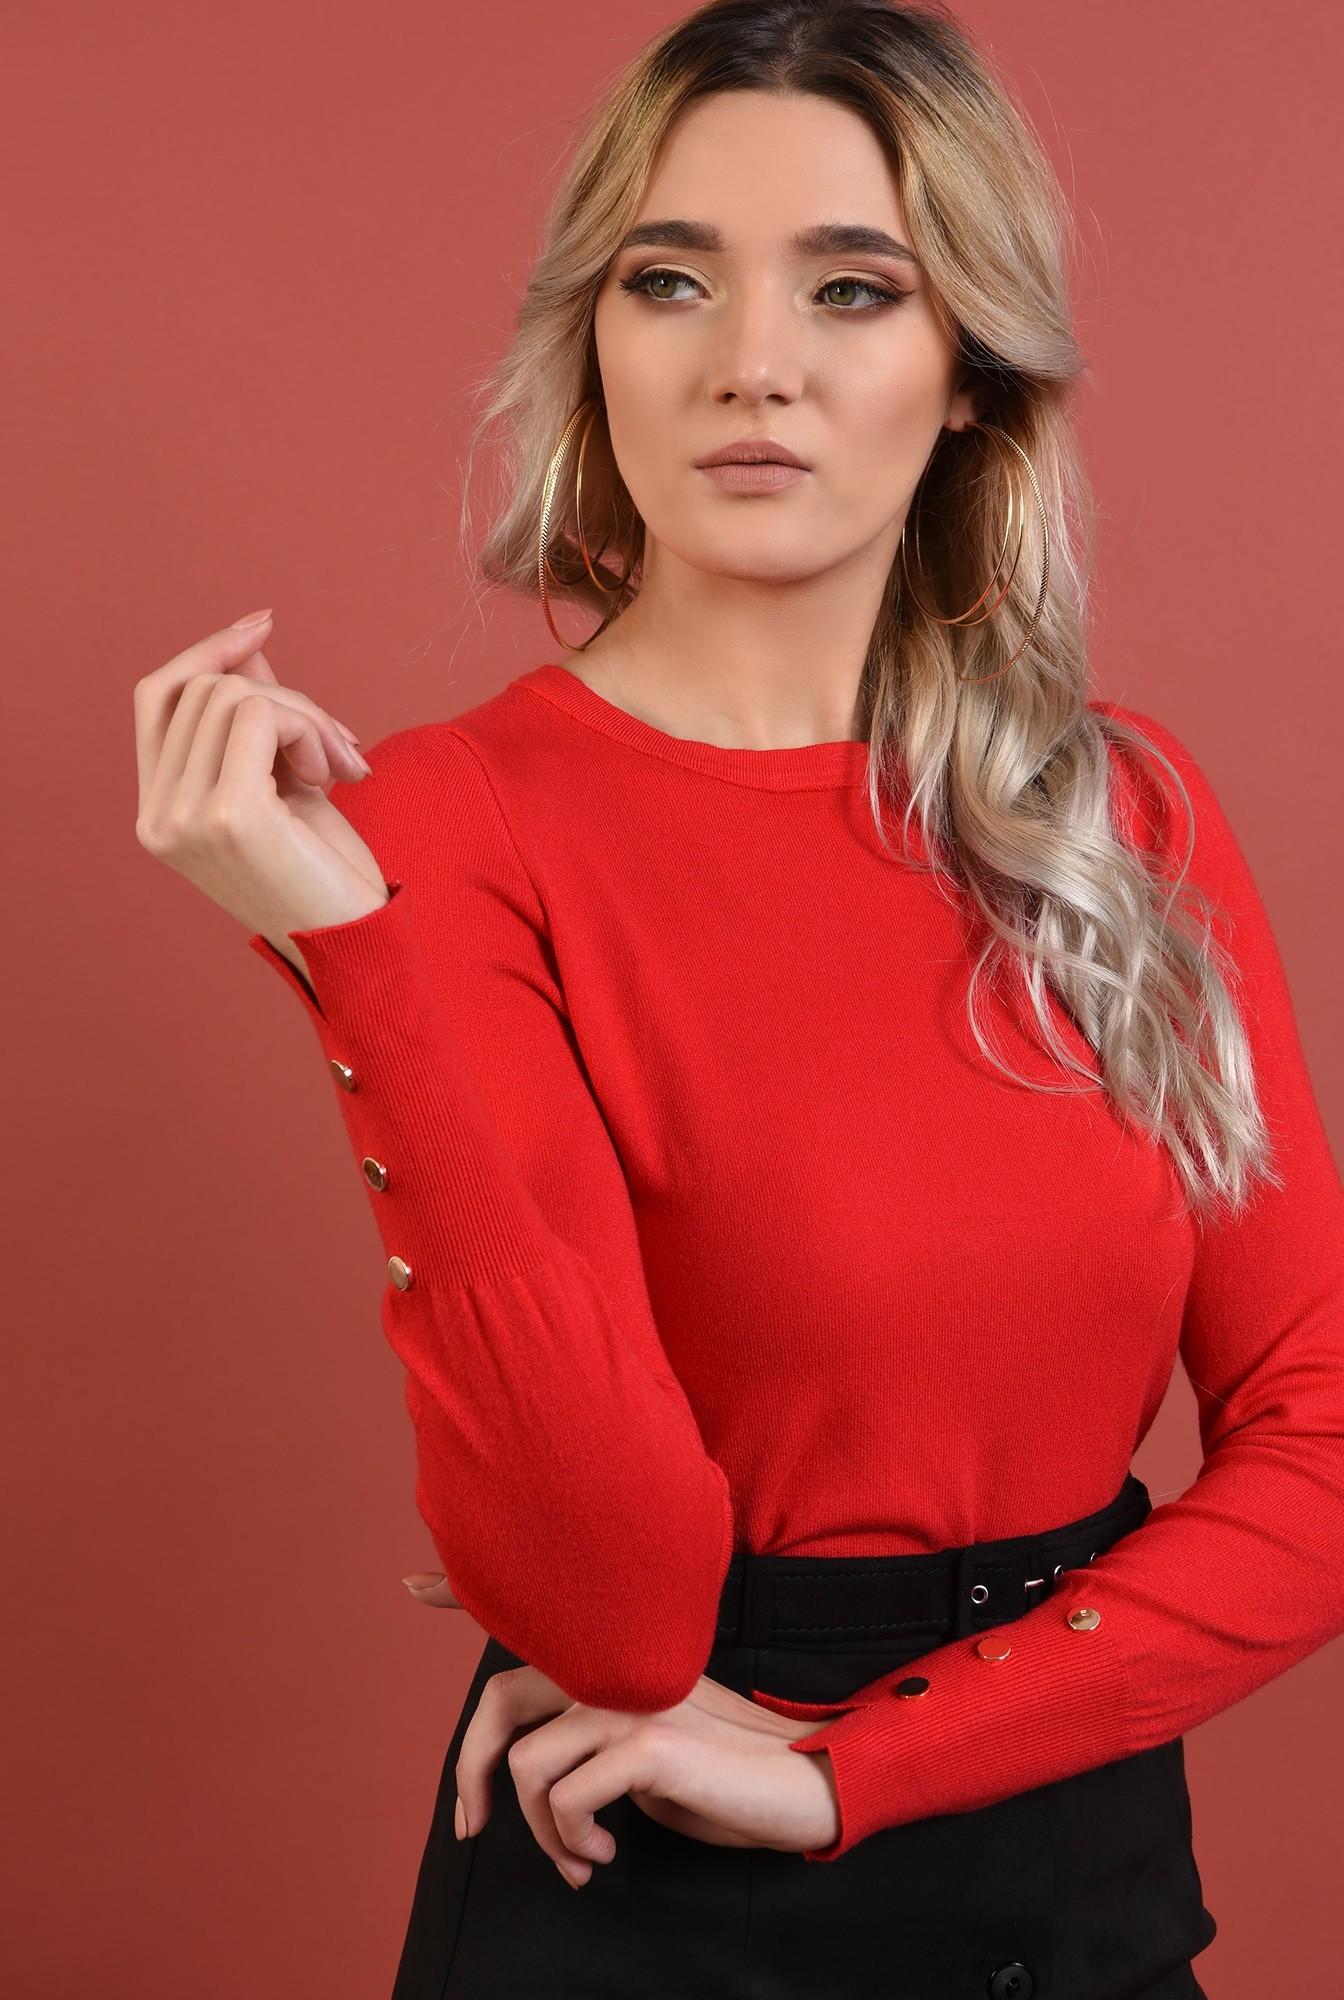 2 - pulover rosu, cu nasturi la mansete,margini reiate, rosu, Poema